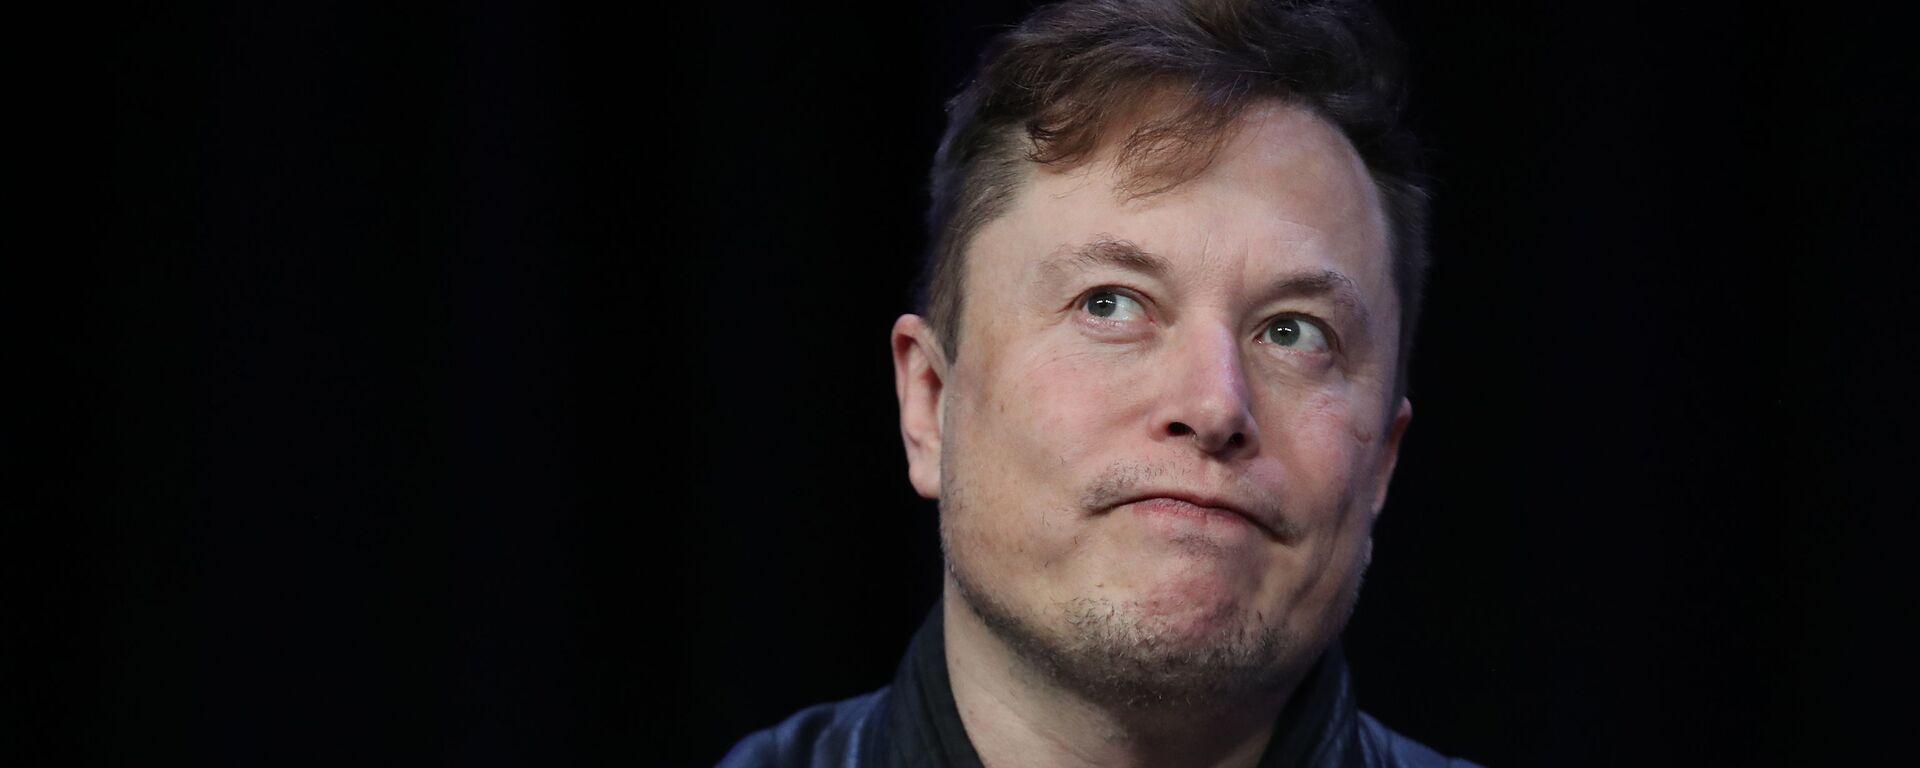 Giám đốc điều hành Tesla Elon Musk - Sputnik Việt Nam, 1920, 28.08.2020